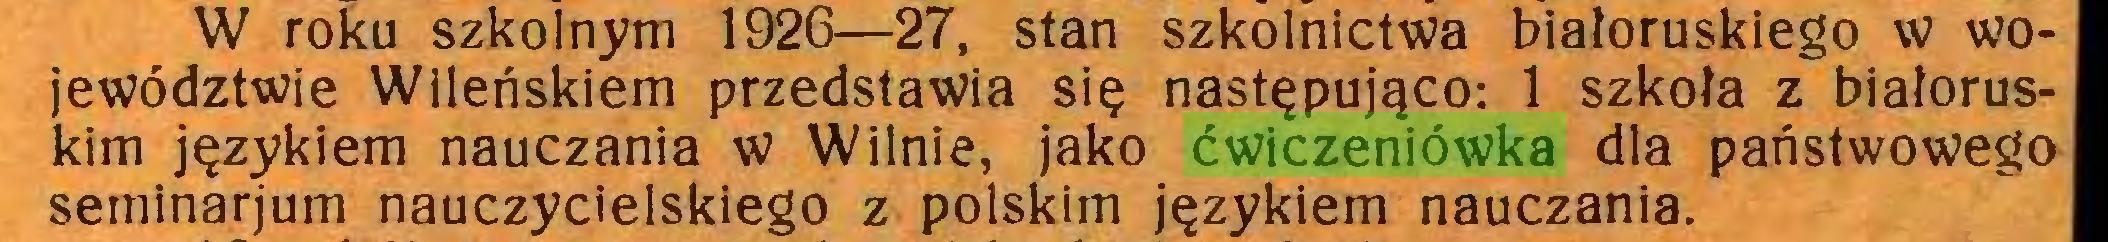 (...) W roku szkolnym 1926—27, stan szkolnictwa białoruskiego w województwie Wileńskiem przedstawia się następująco: 1 szkoła z białoruskim językiem nauczania w Wilnie, jako ćwiczeniówka dla państwowego seminarjum nauczycielskiego z polskim językiem nauczania...